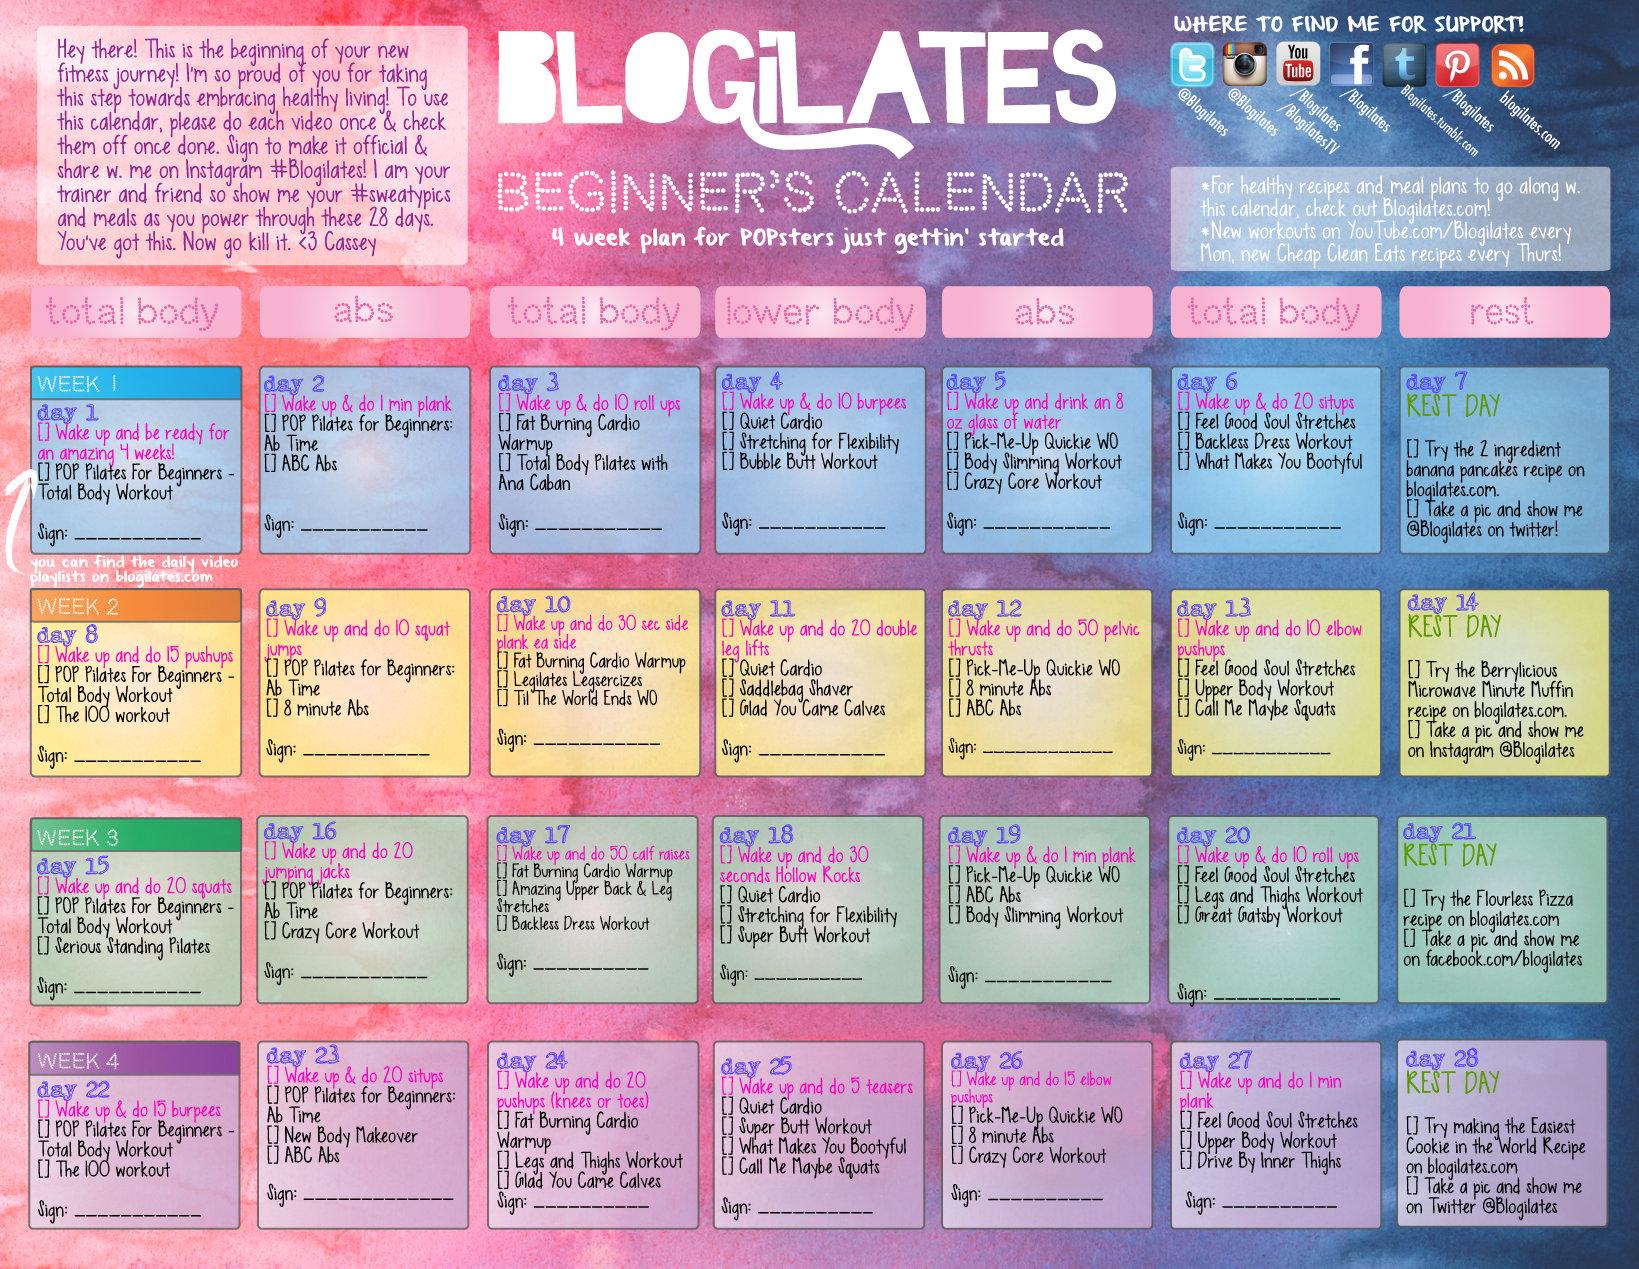 Kattastic Ramblings: 4 Week Beginner's Pilates Challenge